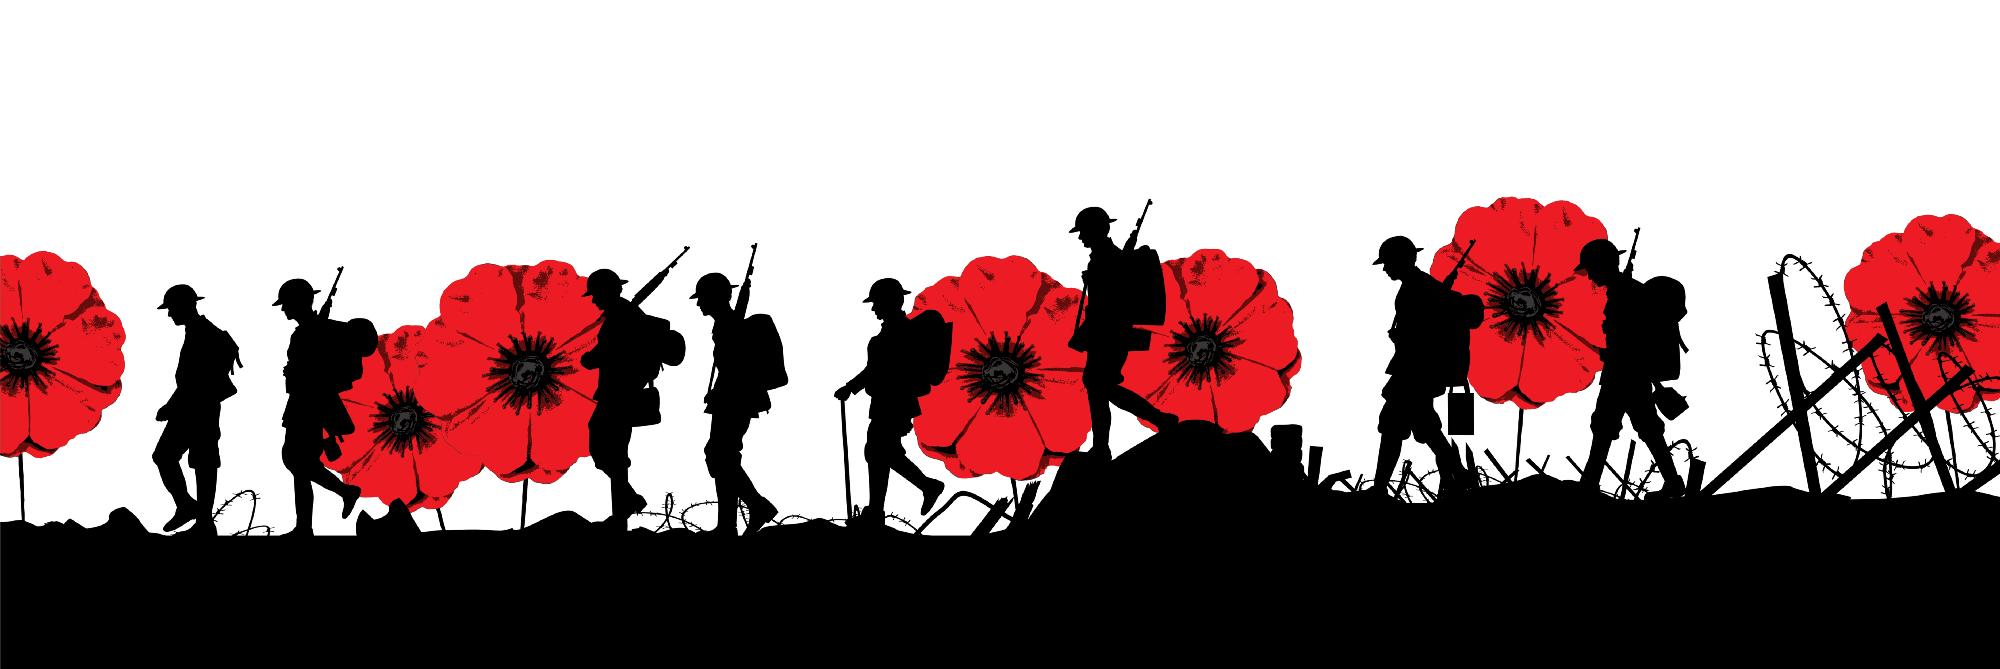 soldiers walking across poppy field